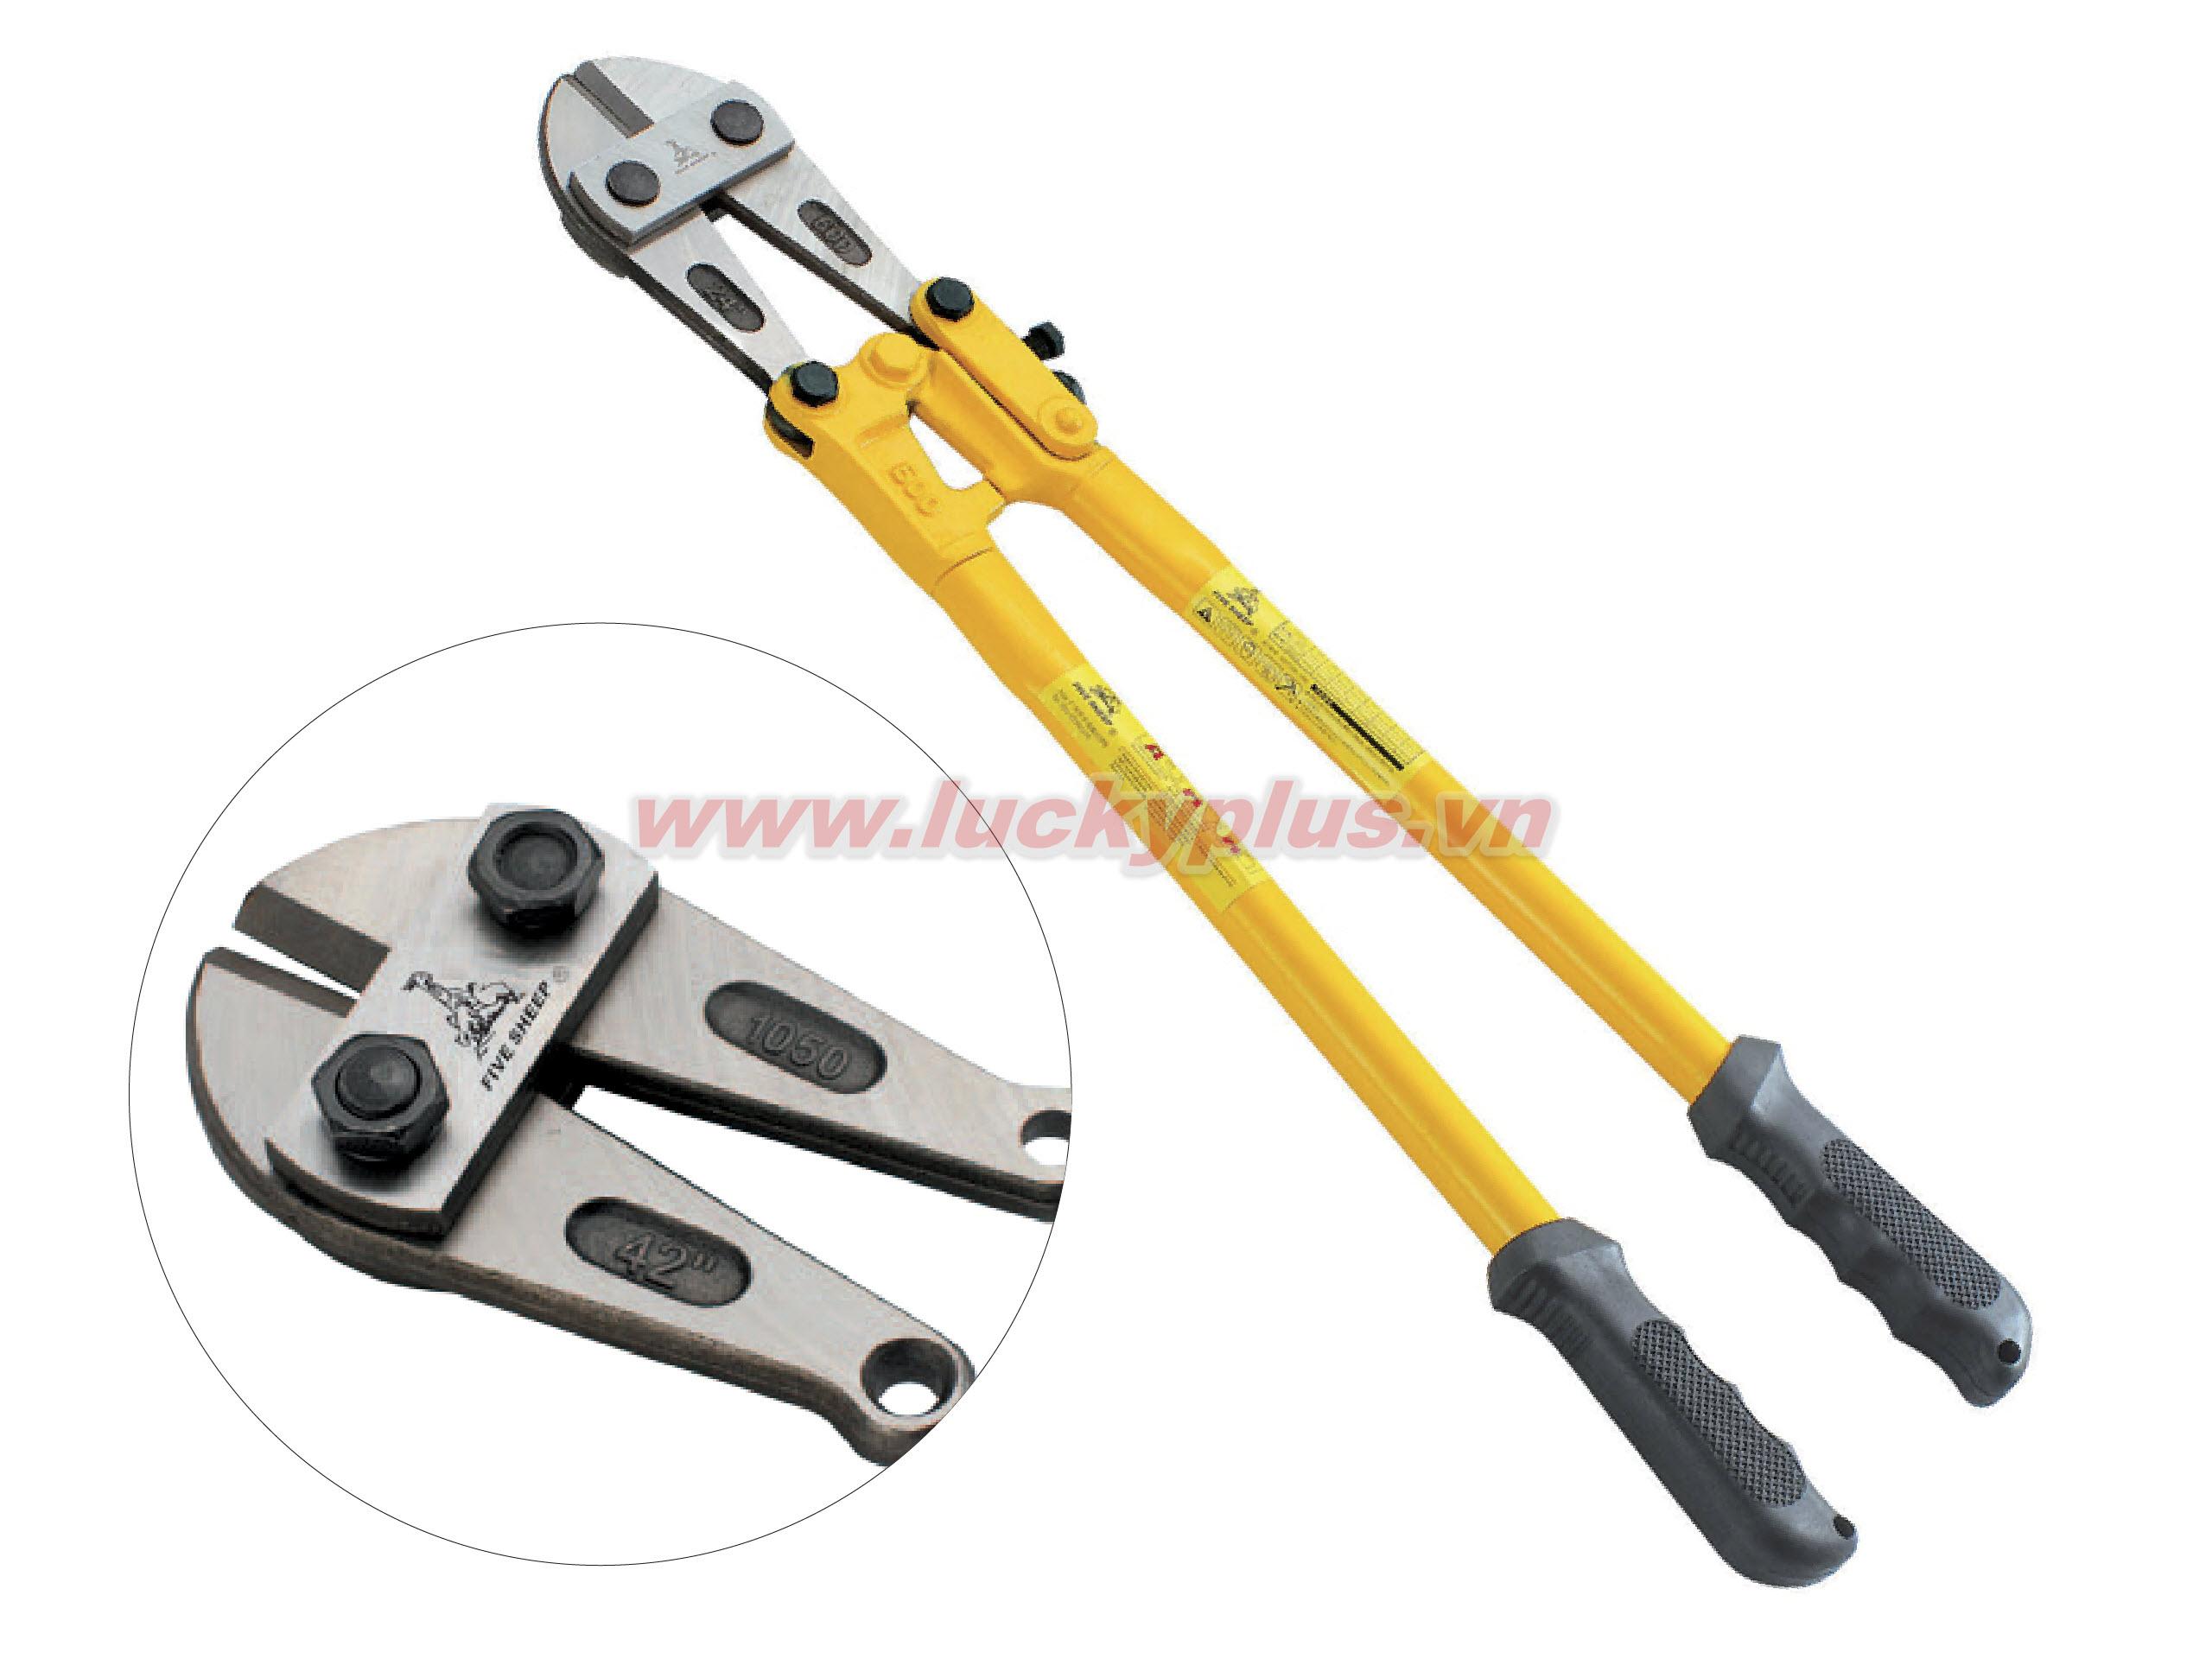 Kìm cắt cộng lực FiveSheep FS-13012 12''/300mm, FS-13014 14''/350mm, FS-13018 18''/450mm, FS-13024 24''/600mm…